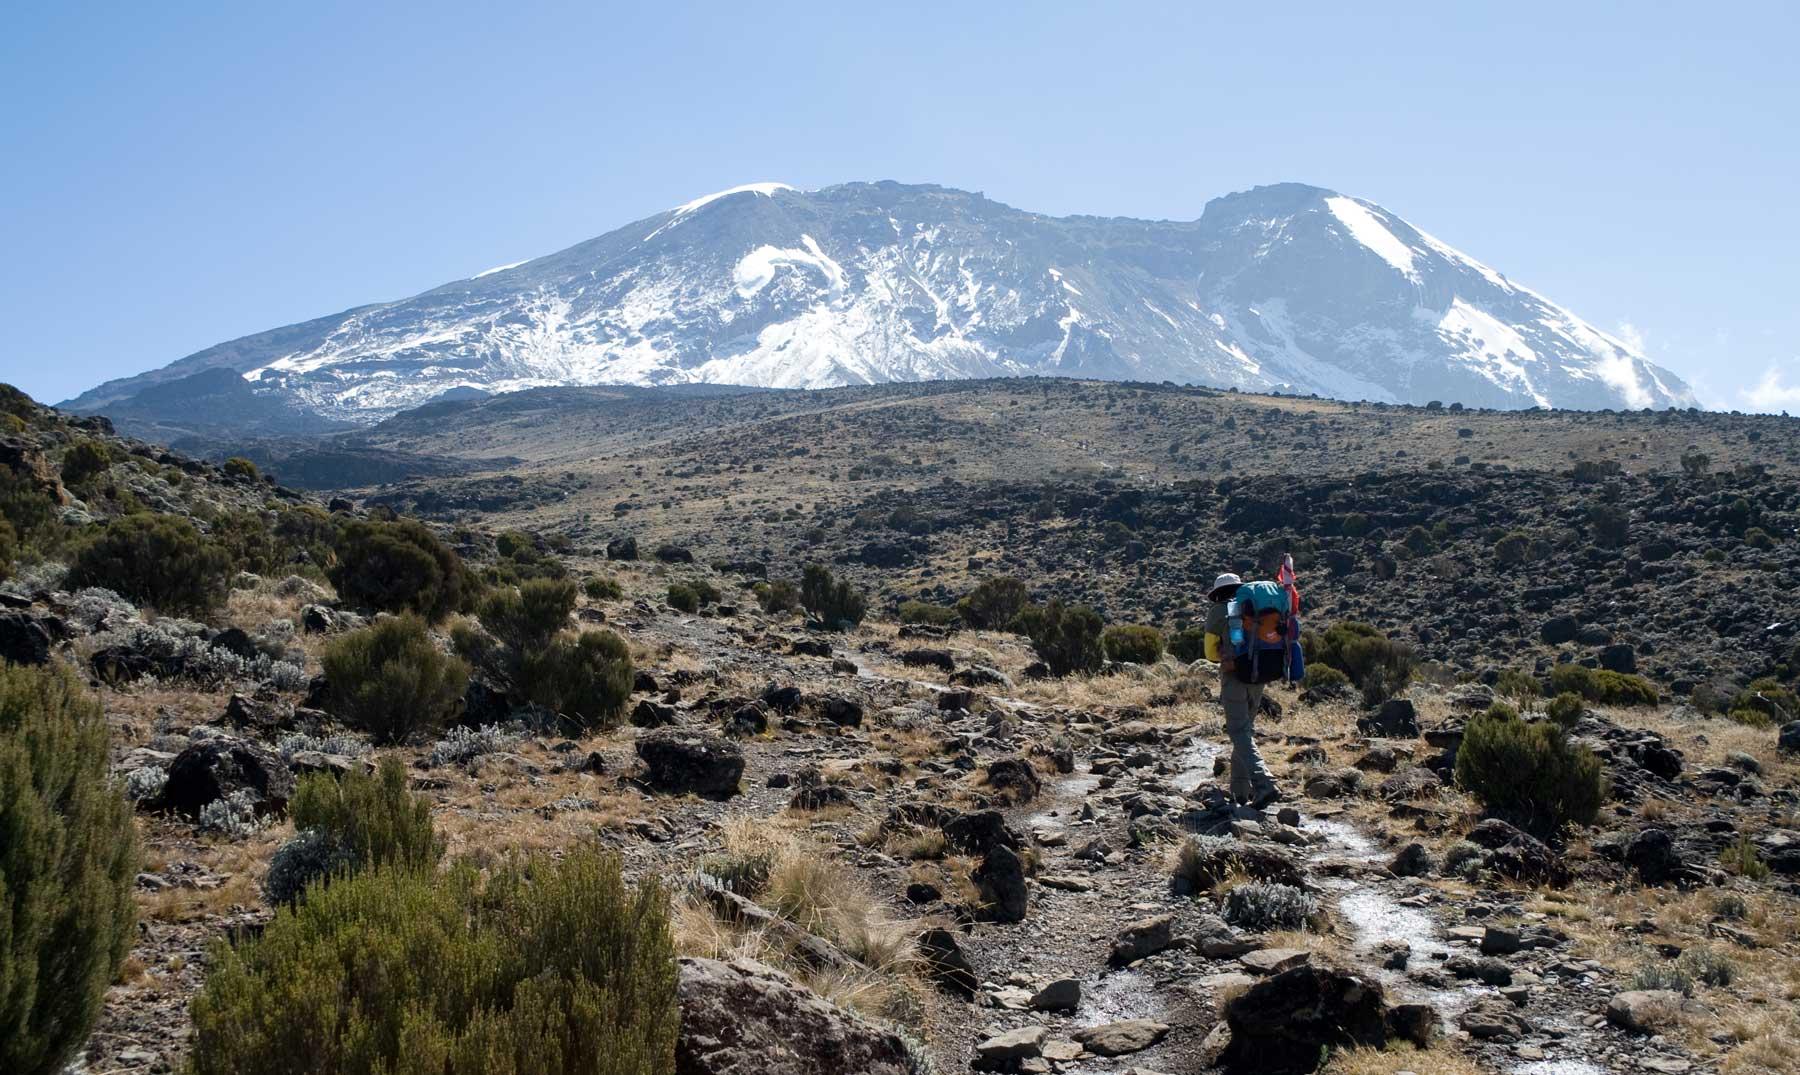 Curiosidades sobre el descubrimiento del Kilimanjaro, la montaña nevada de África